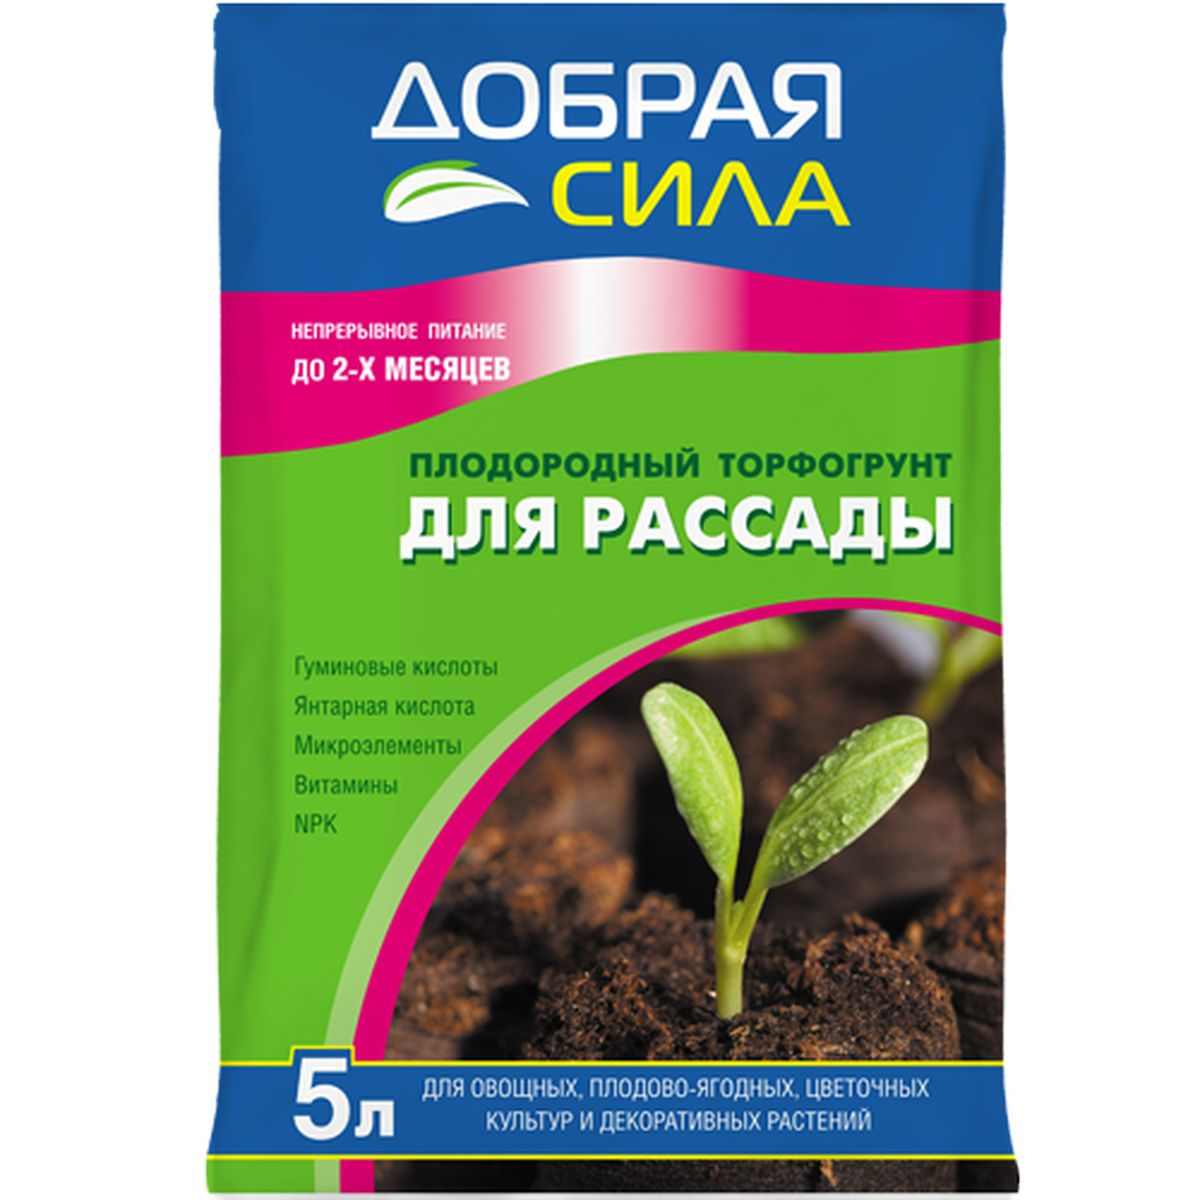 Почвенный грунт на основе торфа Добрая Сила, для рассады, 5 лDS-29-01-005-1Почвенный грунт предназначен для выращивания рассады овощных, плодово-ягодных, цветочных культур и декоративных растений. Может использоваться при посеве и выращивании растений в зимних садах и оранжереях, а также при выращивании растений в теплицах и парниках.